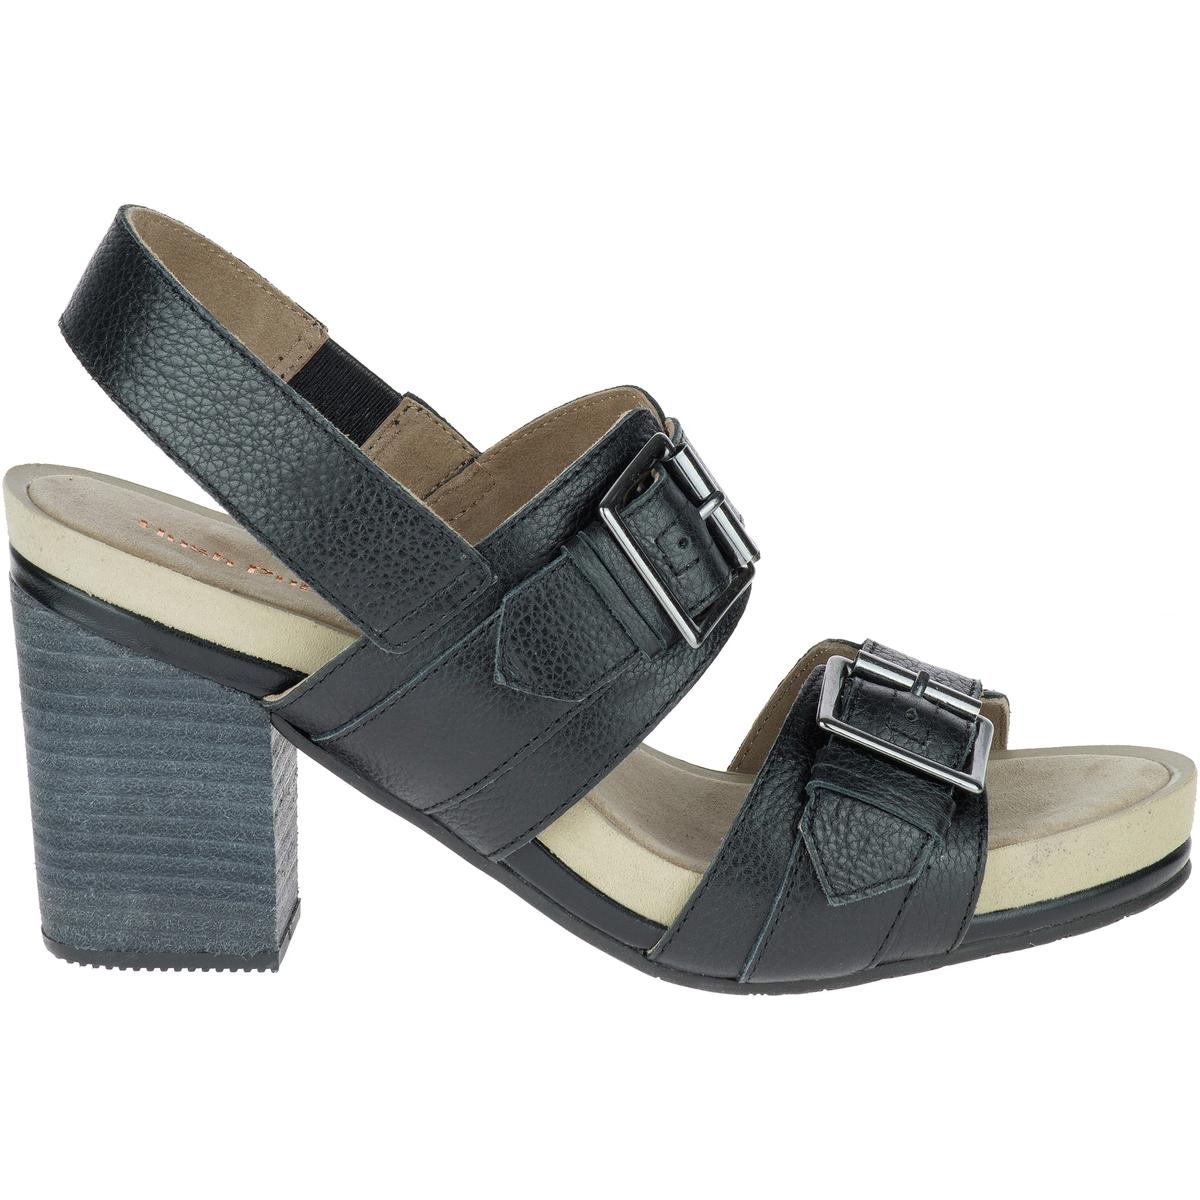 Босоножки кожаные LeonieВерх/Голенище : кожа  Подкладка : кожа  Стелька : кожа  Подошва : каучук  Высота каблука : 7 см  Форма каблука : широкий каблук  Мысок : закругленный мысок Застежка : пряжка<br><br>Цвет: черный<br>Размер: 37.41